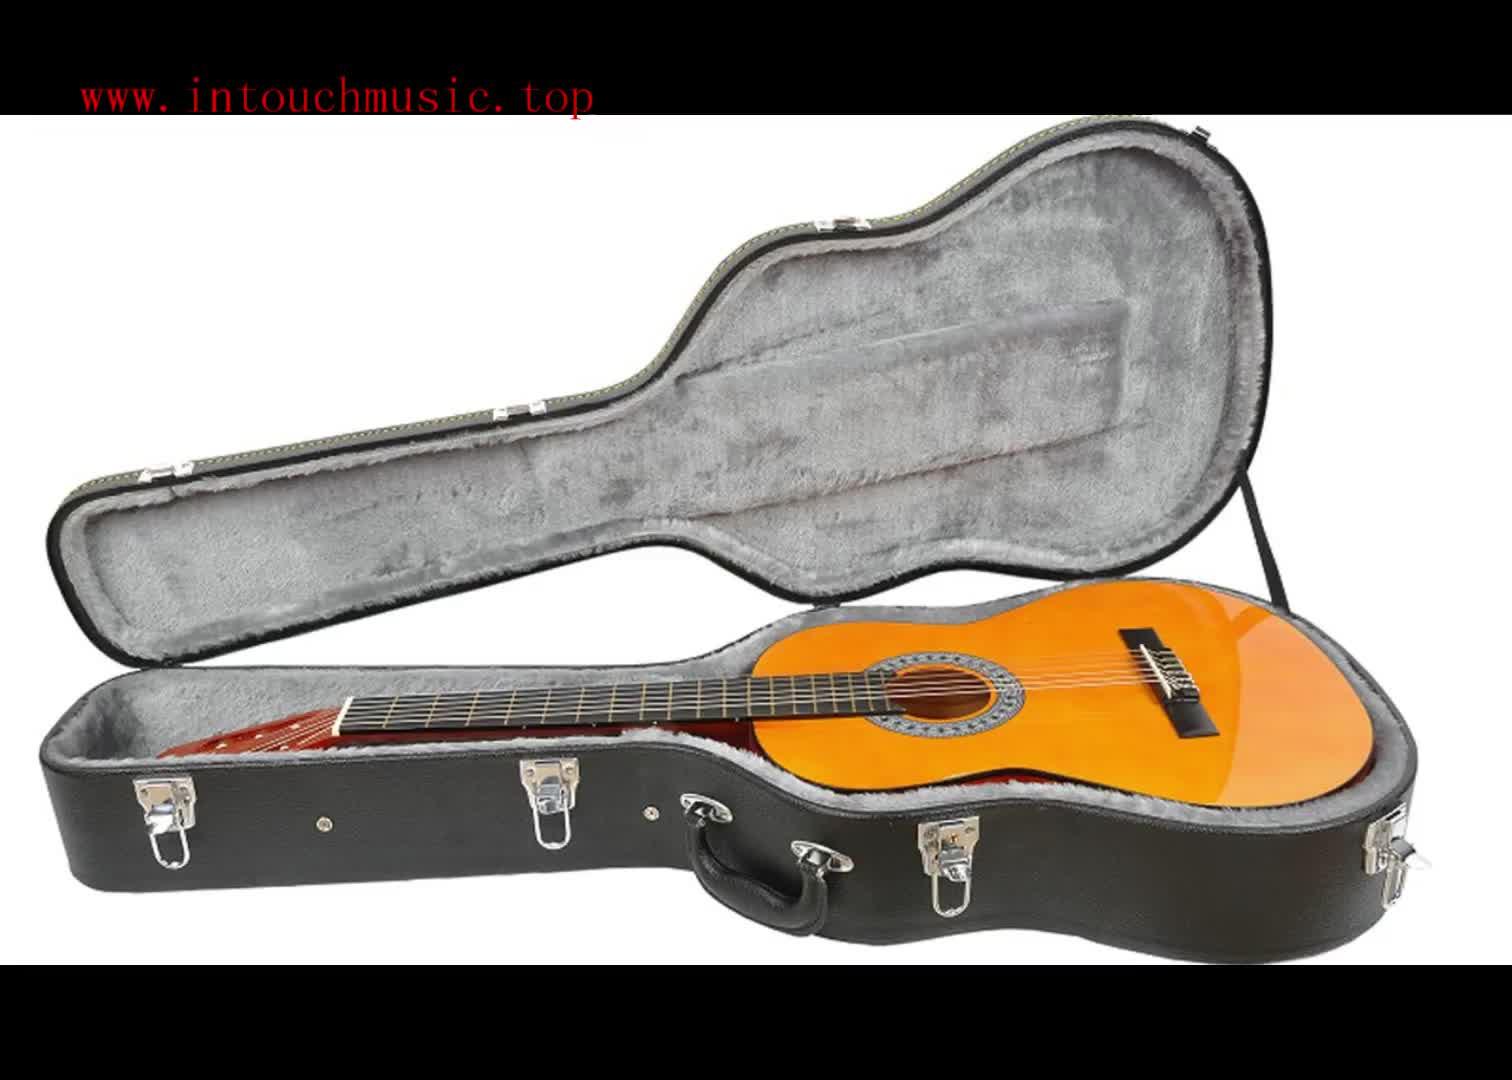 Commercio all'ingrosso Schiuma PU Cassa Della Chitarra Classica Basso Elettrico Cassa Della Gomma Piuma/Oxford gig bag chitarra Cina CFC701